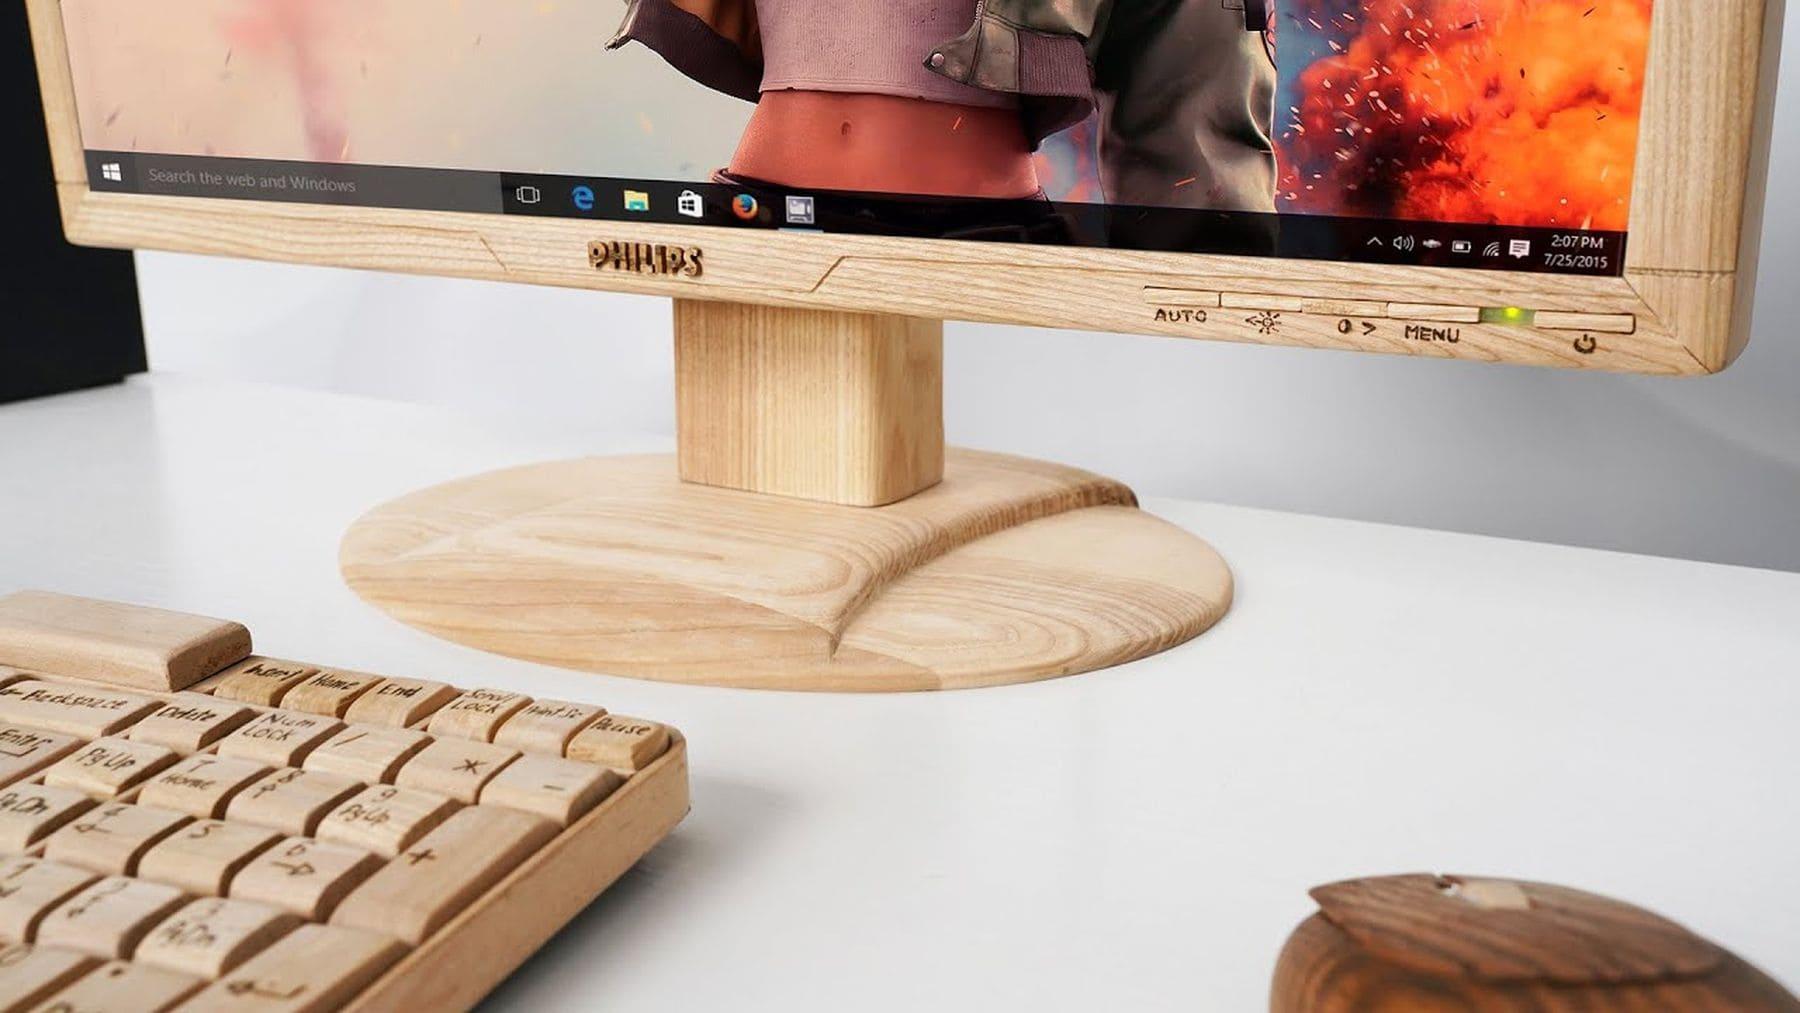 Wie man einen Monitor in Holz einfasst | Handwerk | Was is hier eigentlich los?